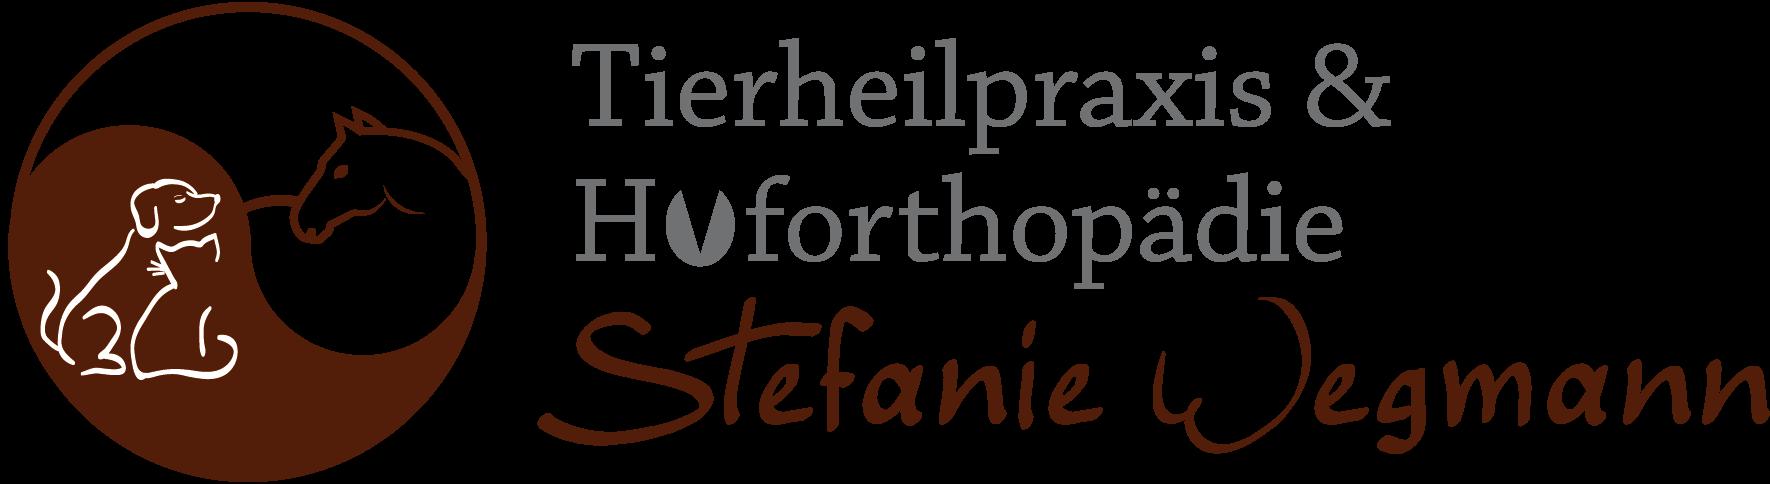 Tierheilpraxis Stefanie Wegmann